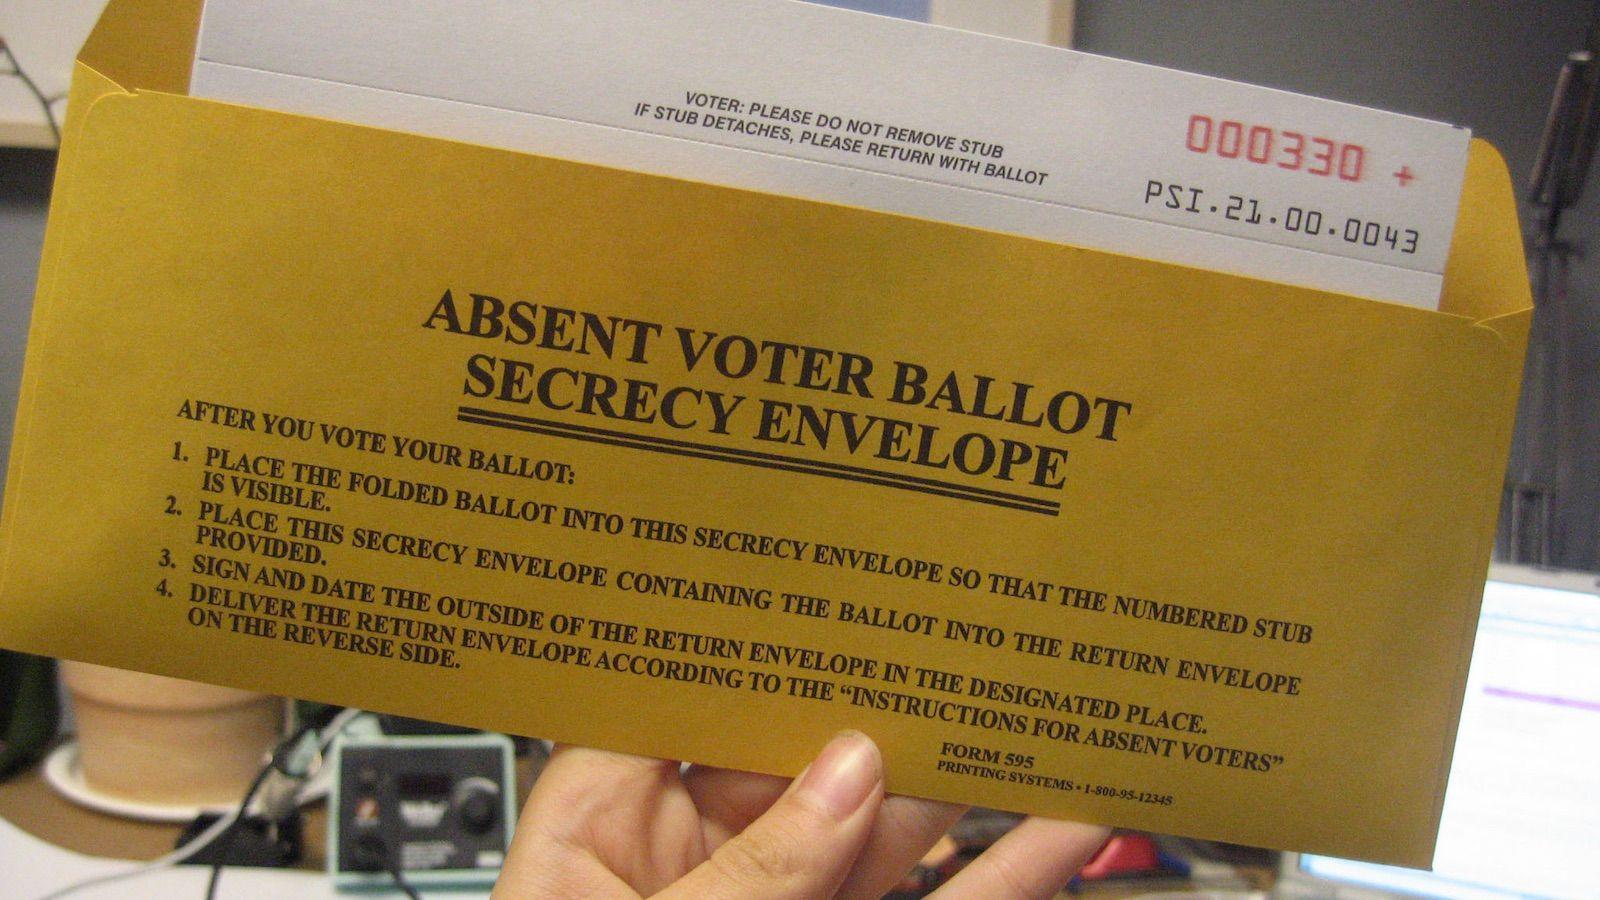 新型コロナショック、 大統領選「郵便投票」で 民主主義は守れるか?